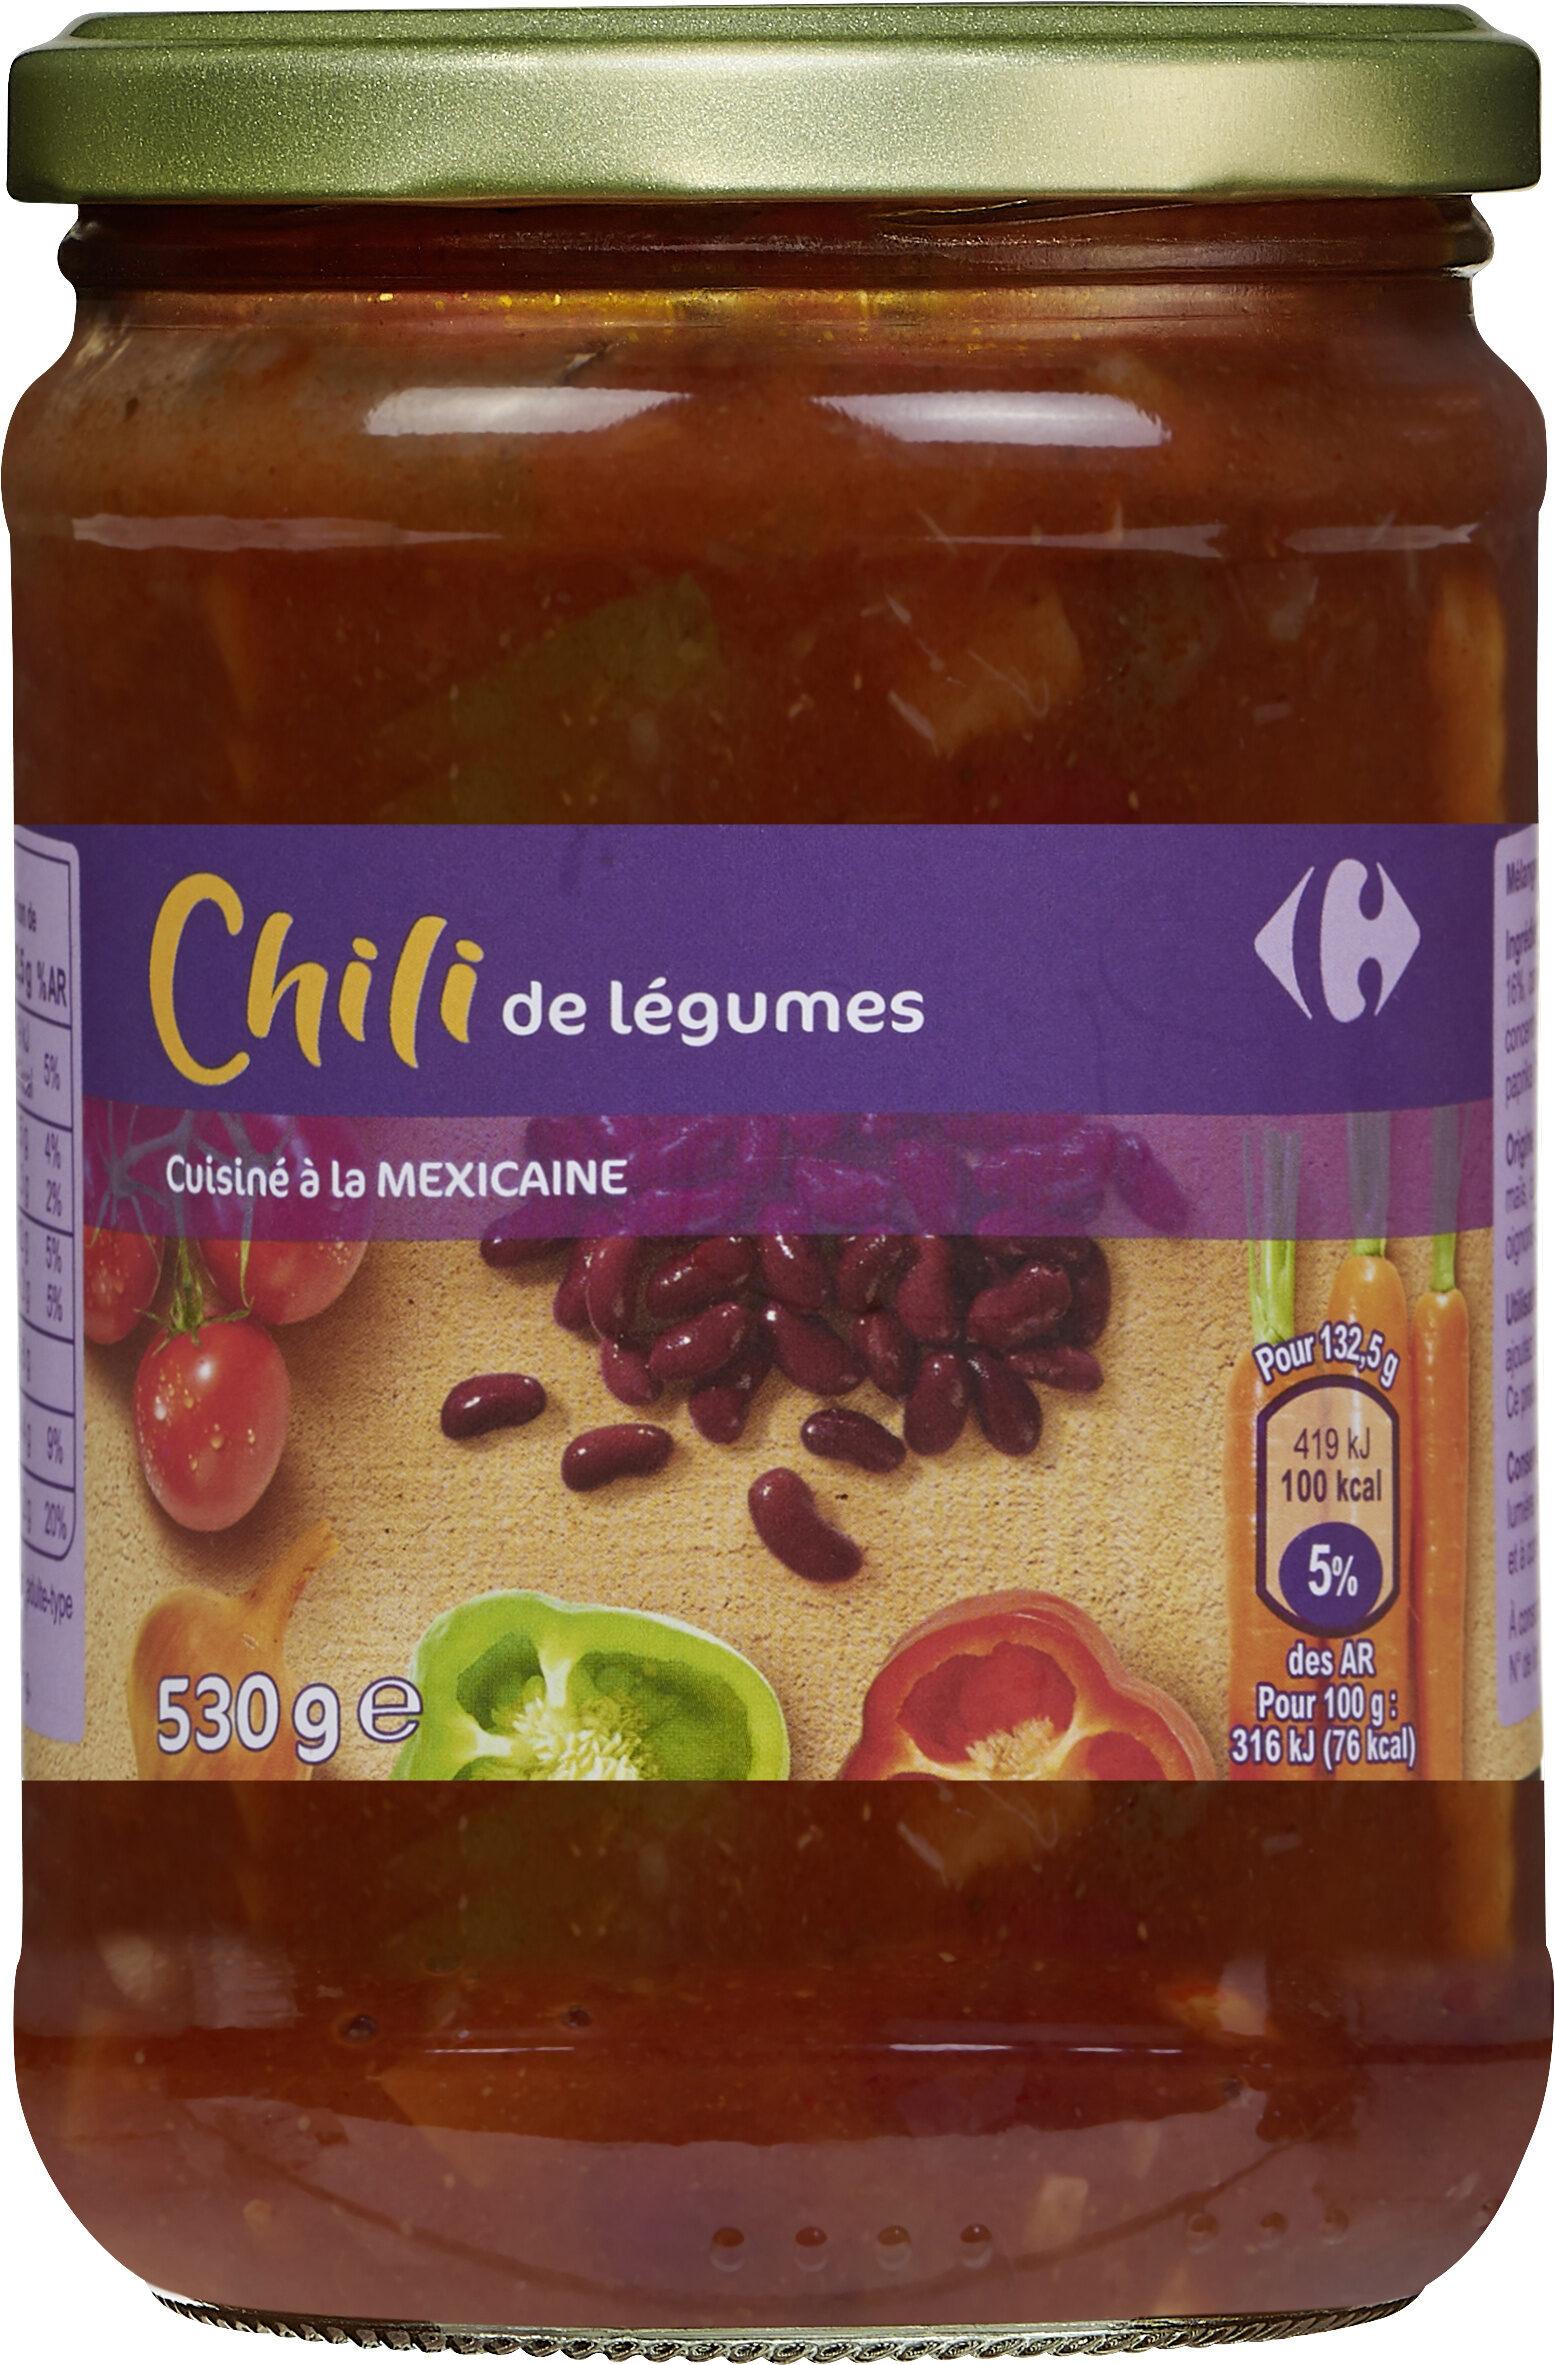 Chili de légumes cuisiné à la Mexicaine - Prodotto - fr